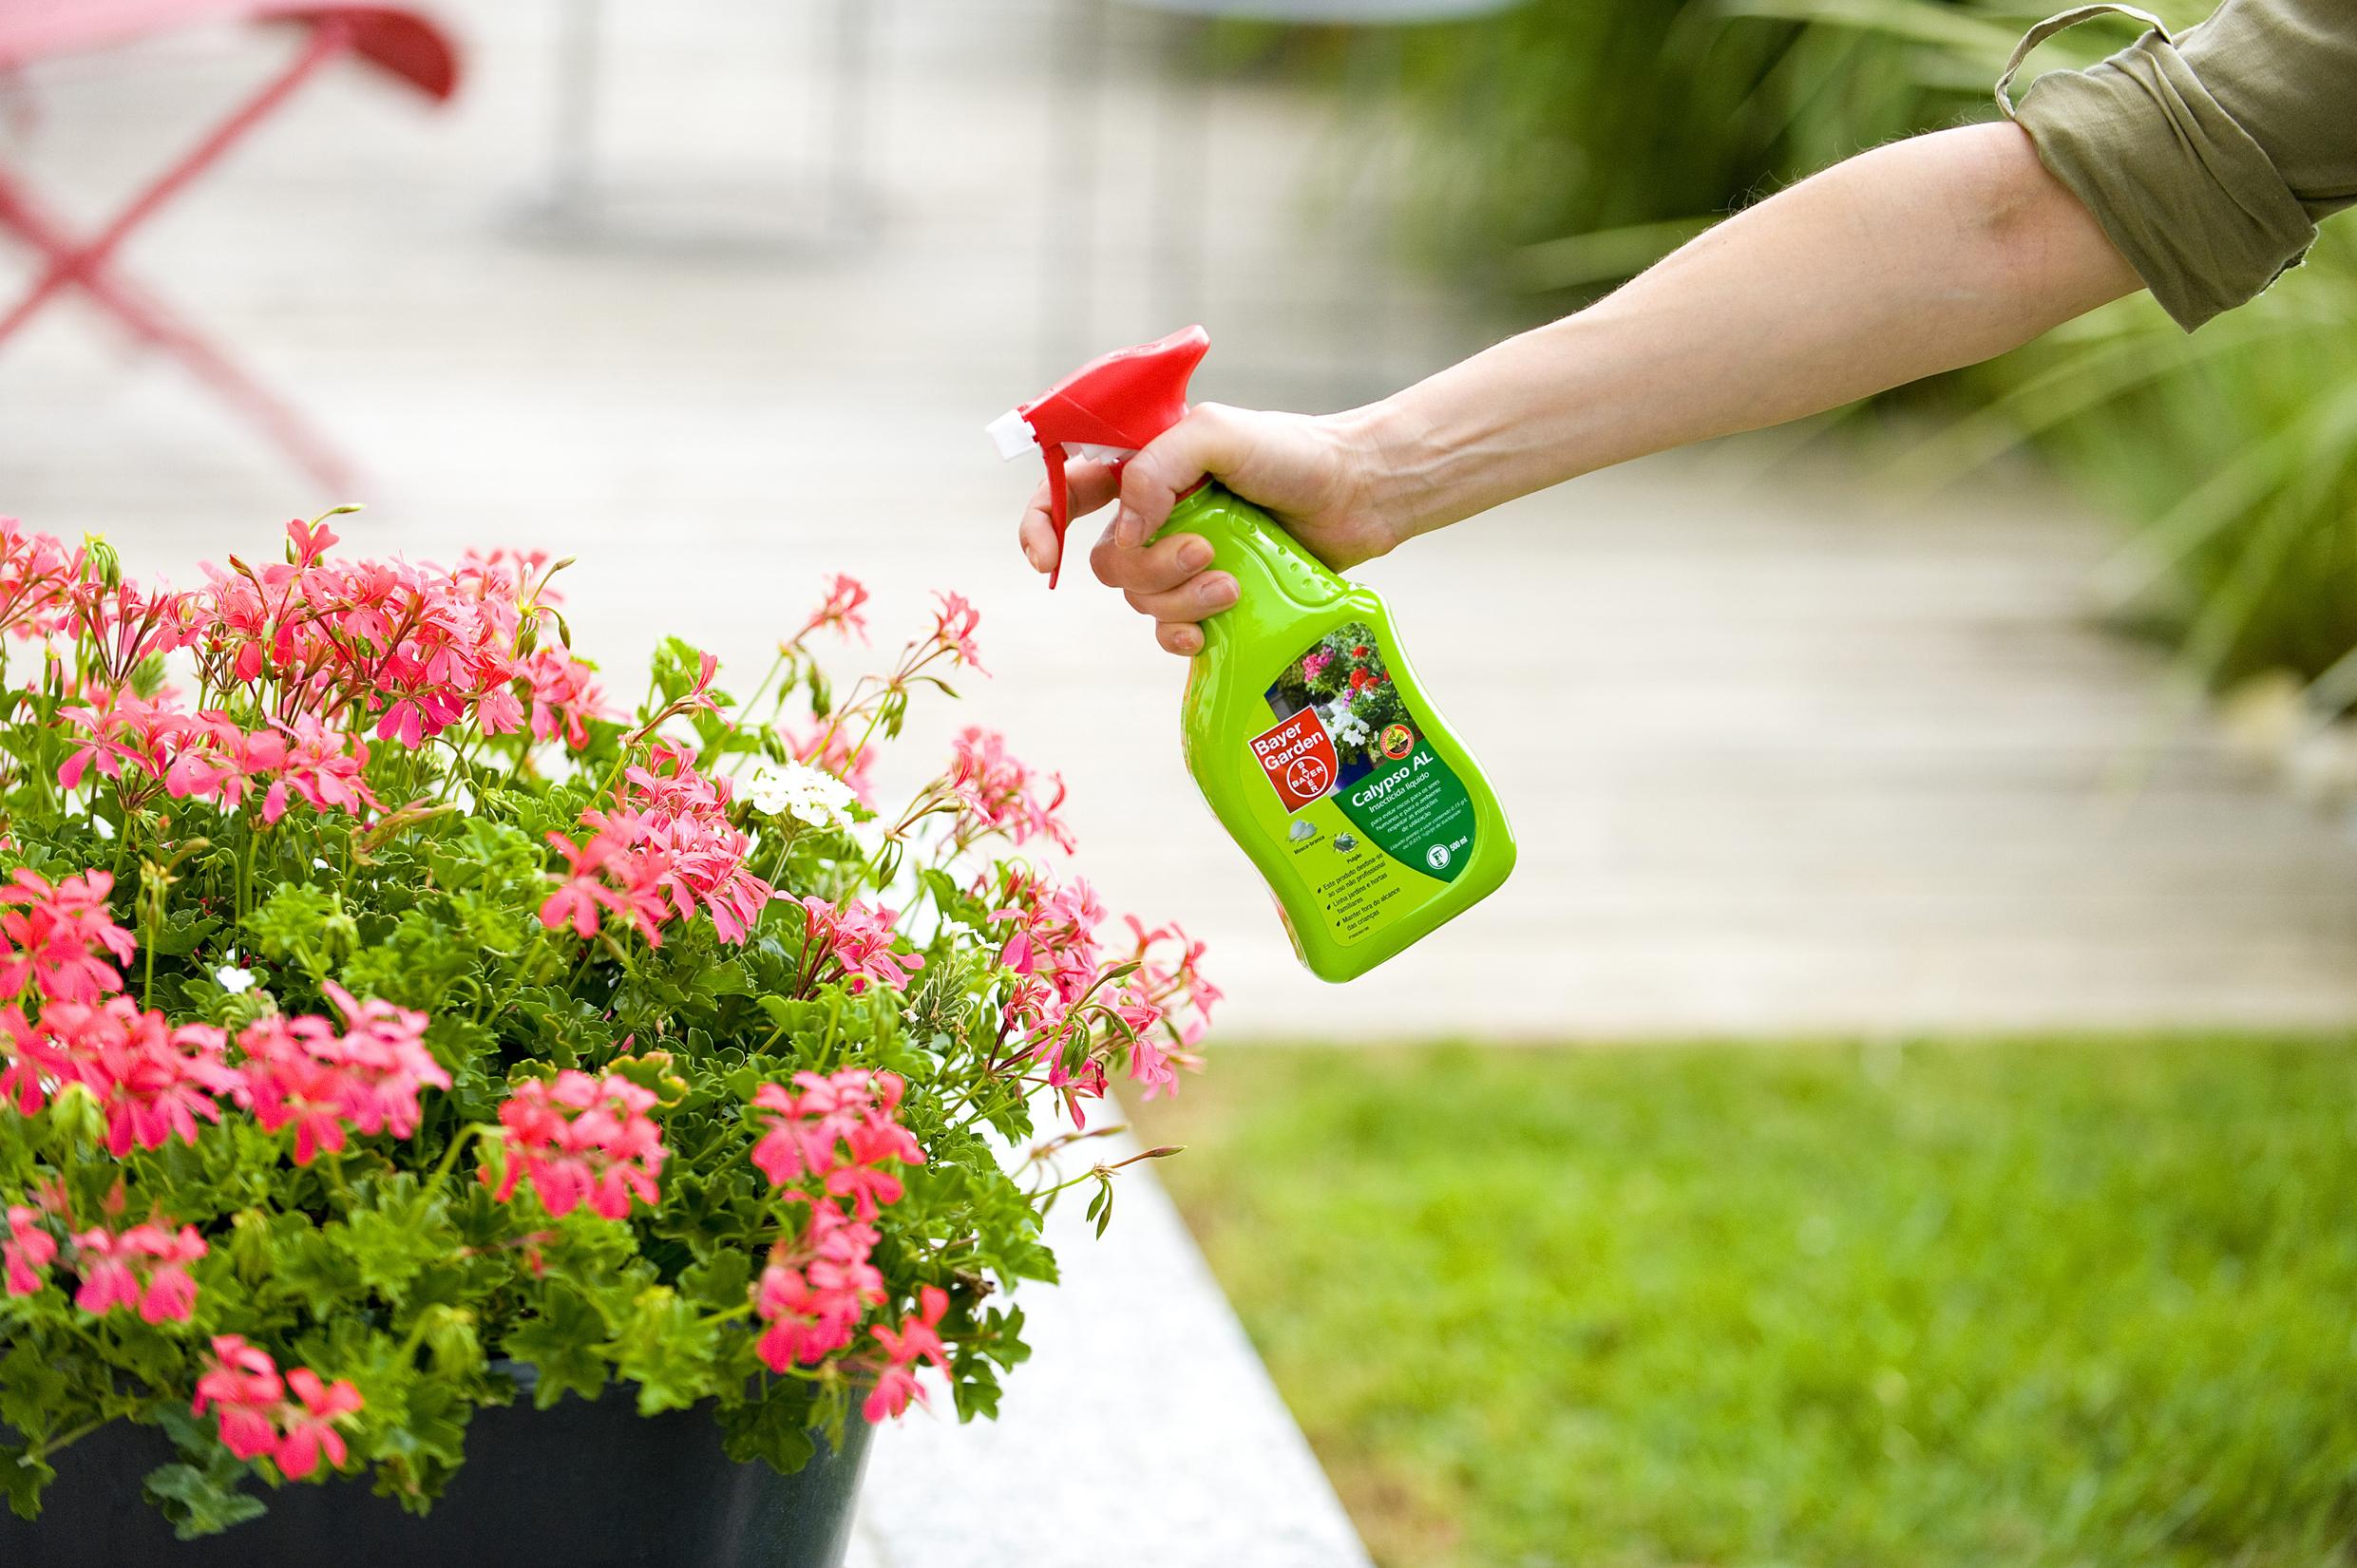 Cuidado de los jardines en temporada de lluvia parques alegres i a p - Cuidado de jardines ...